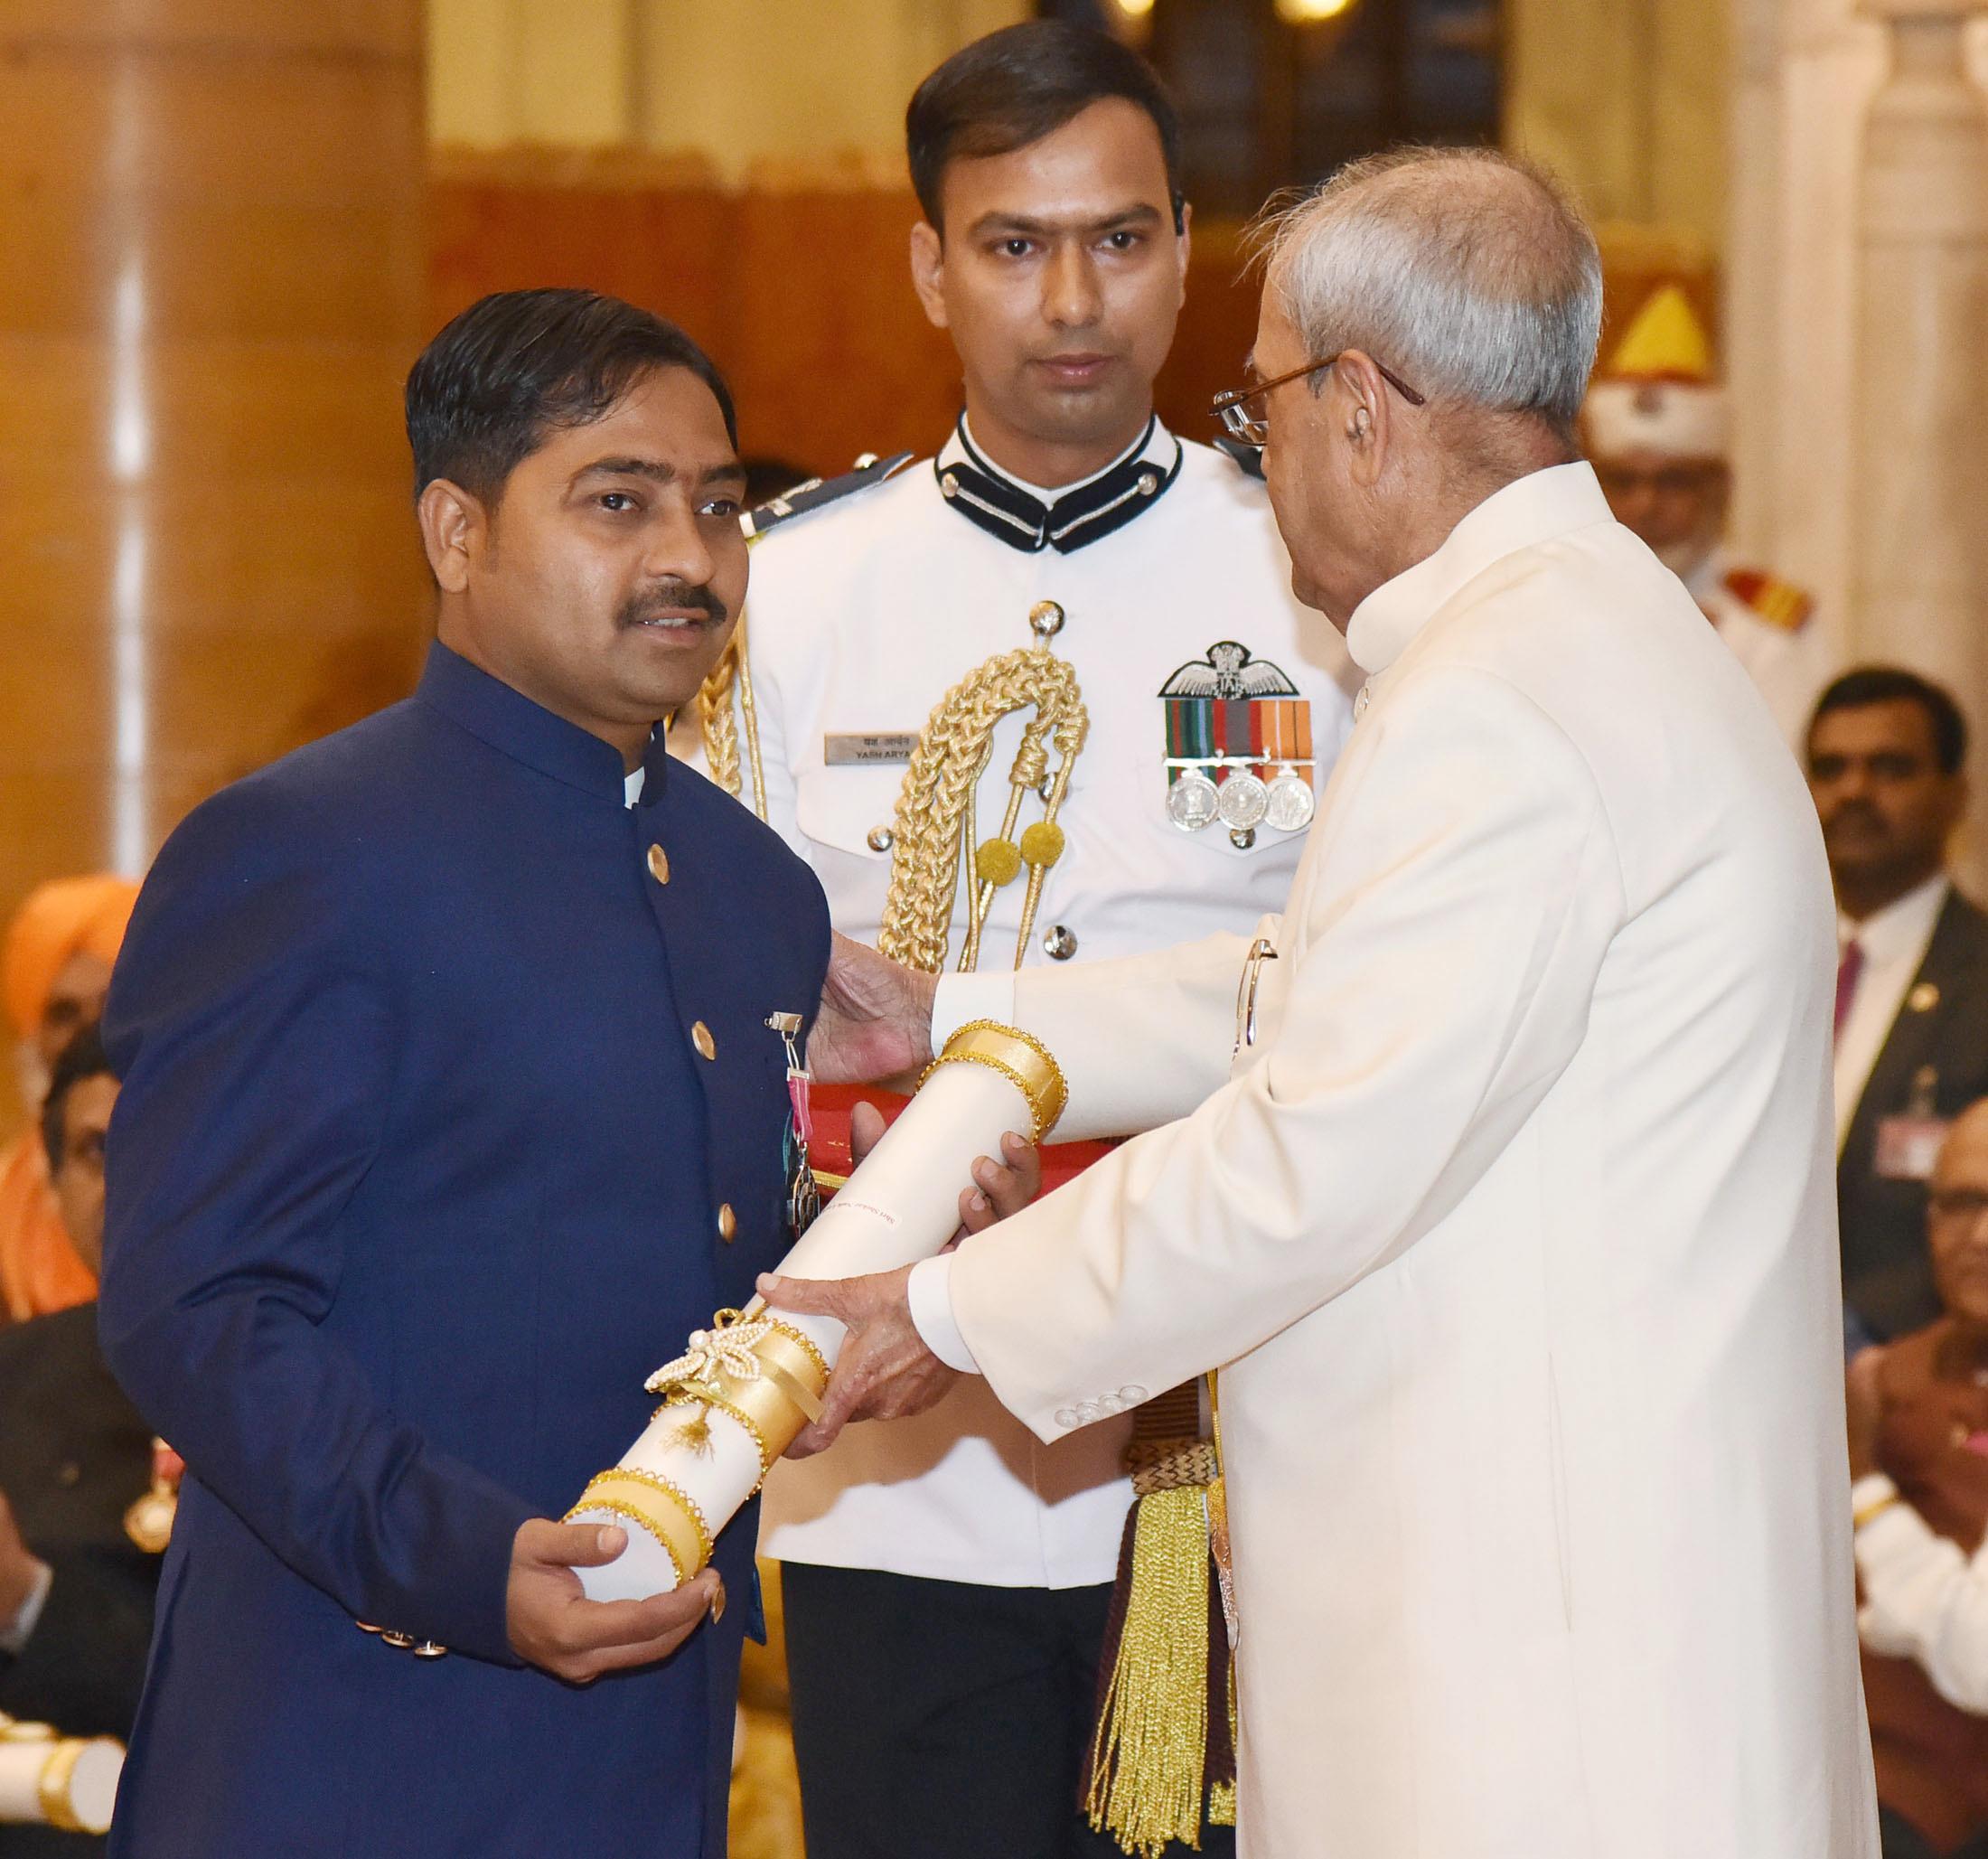 शेखर नाइक की हिम्मत ने उन्हें पद्मश्री का सम्मान दिलाया।